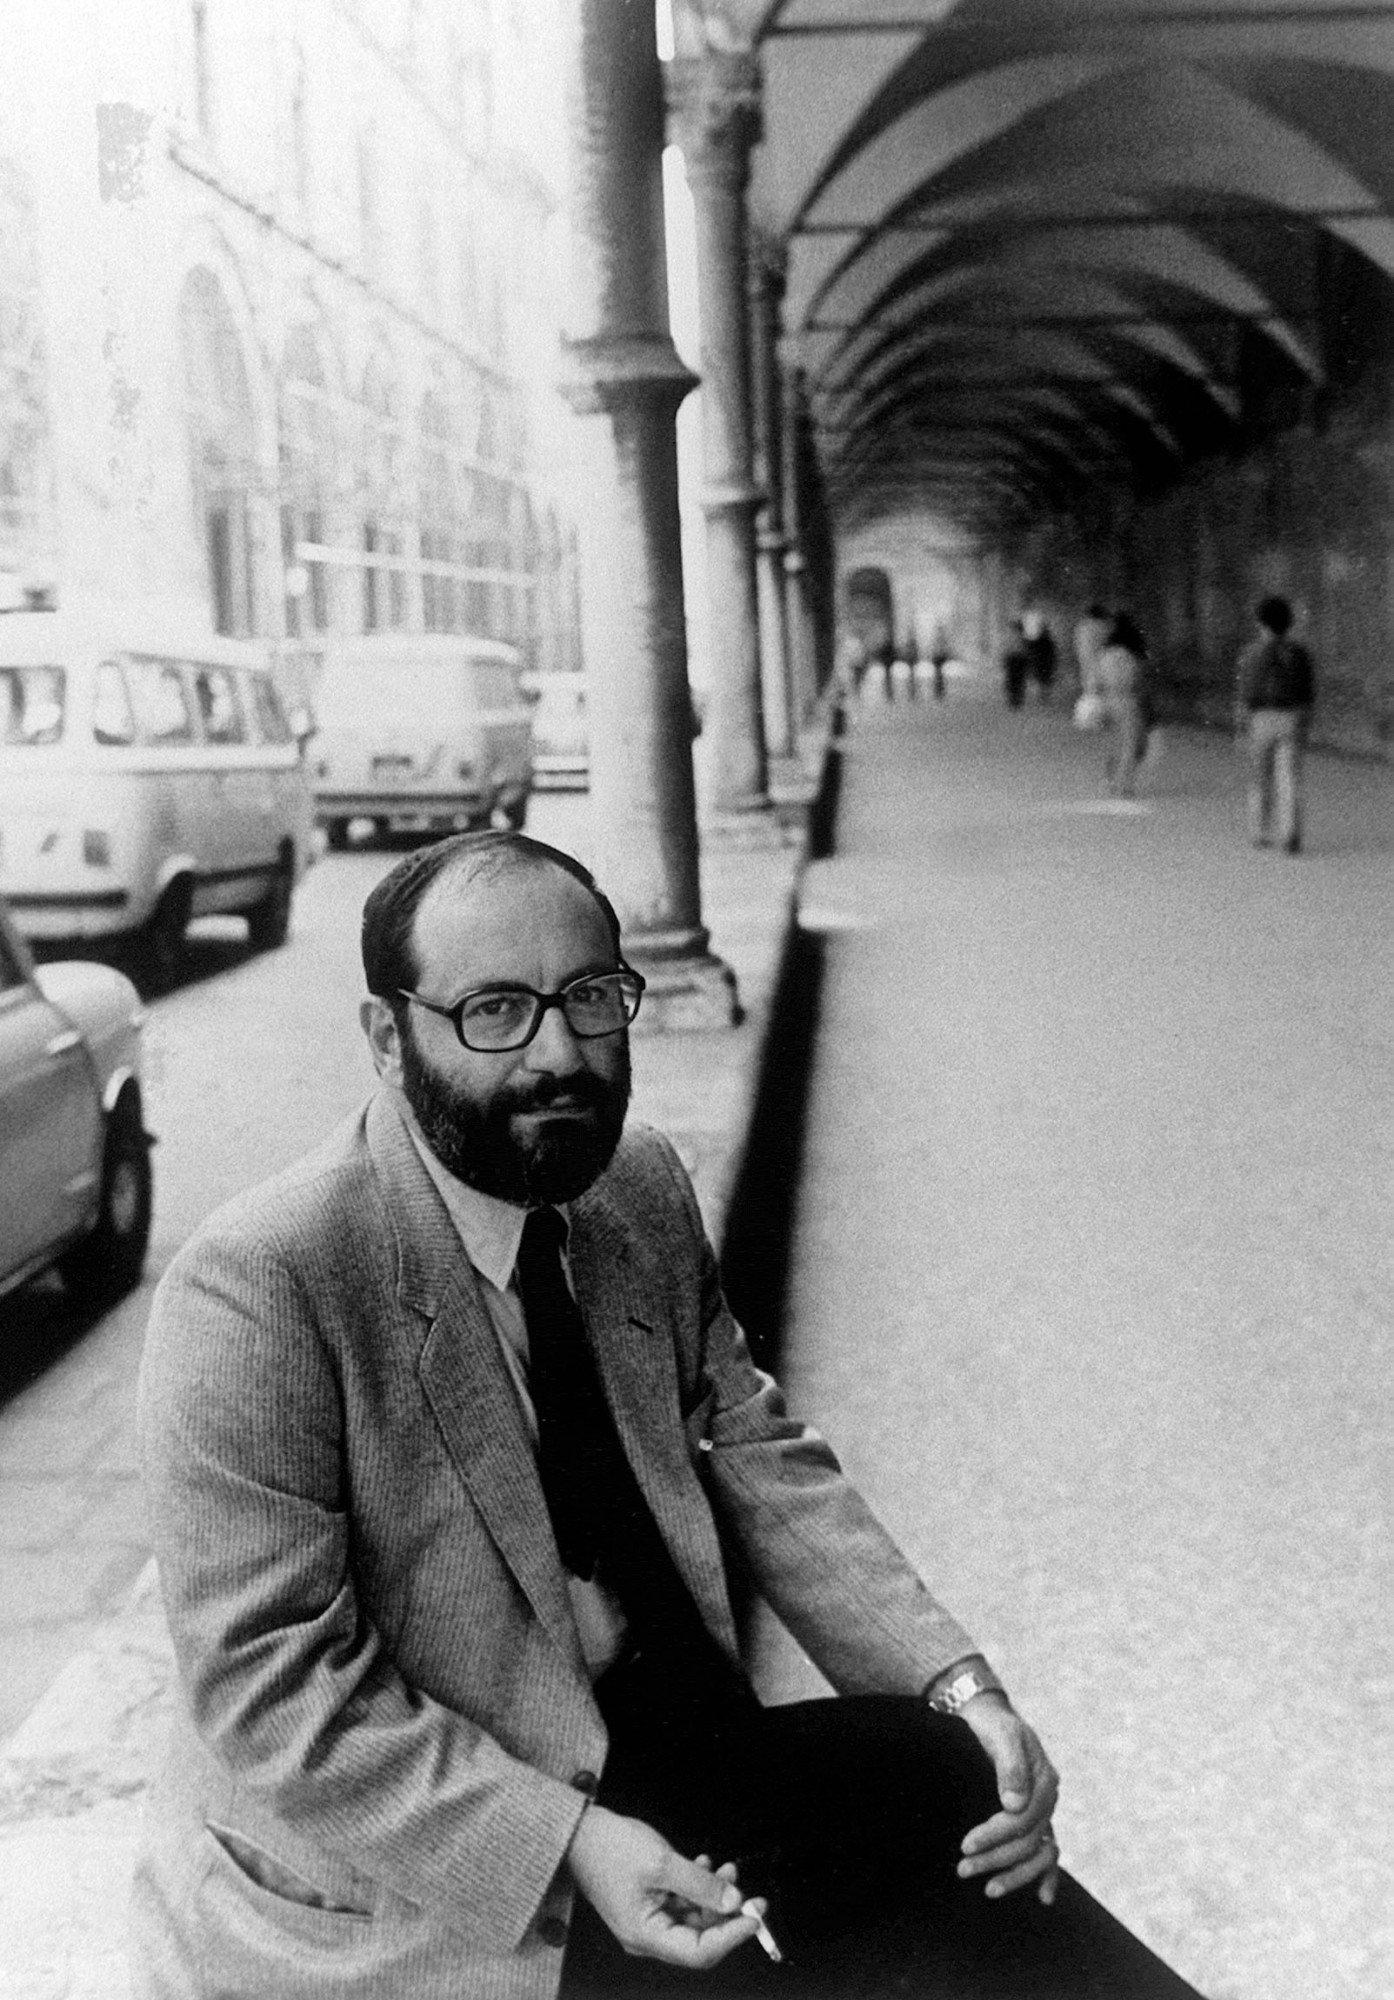 L'écrivain italien Umberto Eco, professeur à la faculté de philosophie et d'Arts de Bologne, pose le 30 septembre 1983 à Rome. (FILM) AFP PHOTO / AFP / - (Photo credit should read -/AFP/Getty Images)